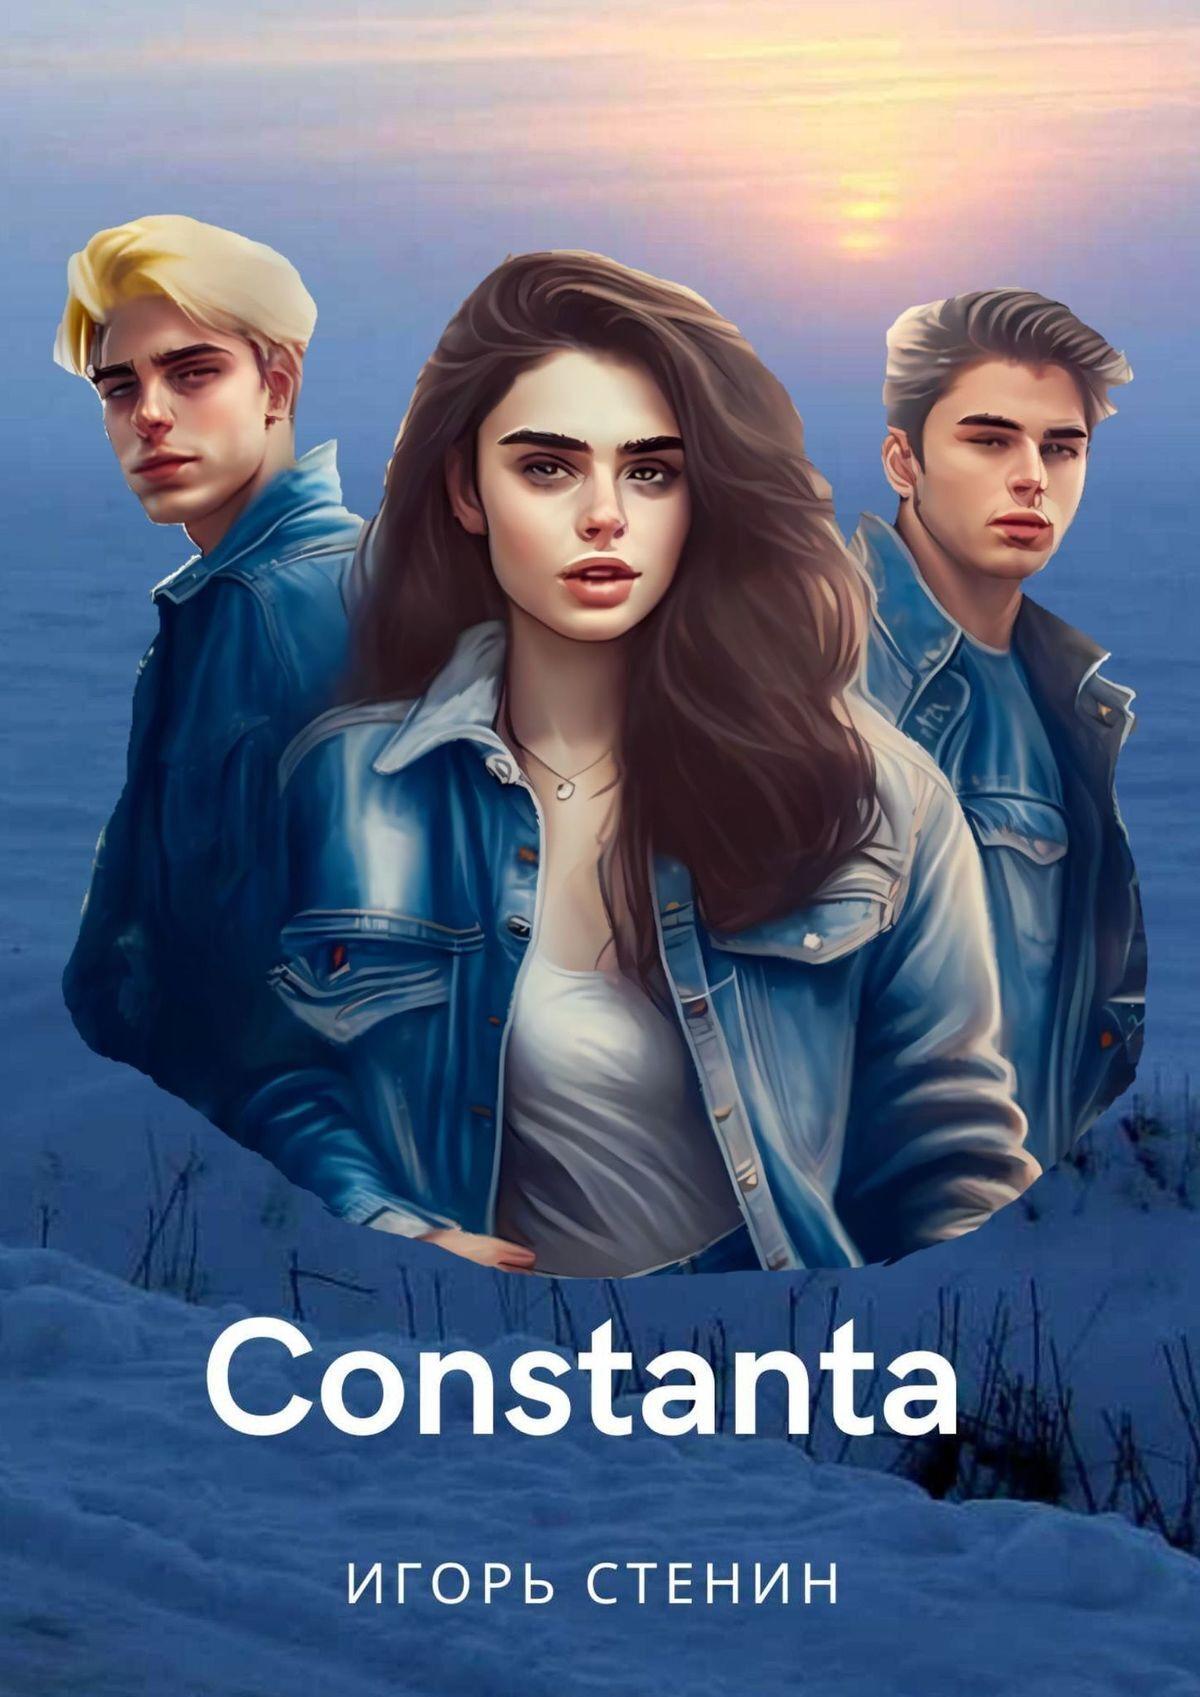 Игорь Стенин Constanta анатолий агарков путь к себе кружит по миру дух по телу кружит кровь